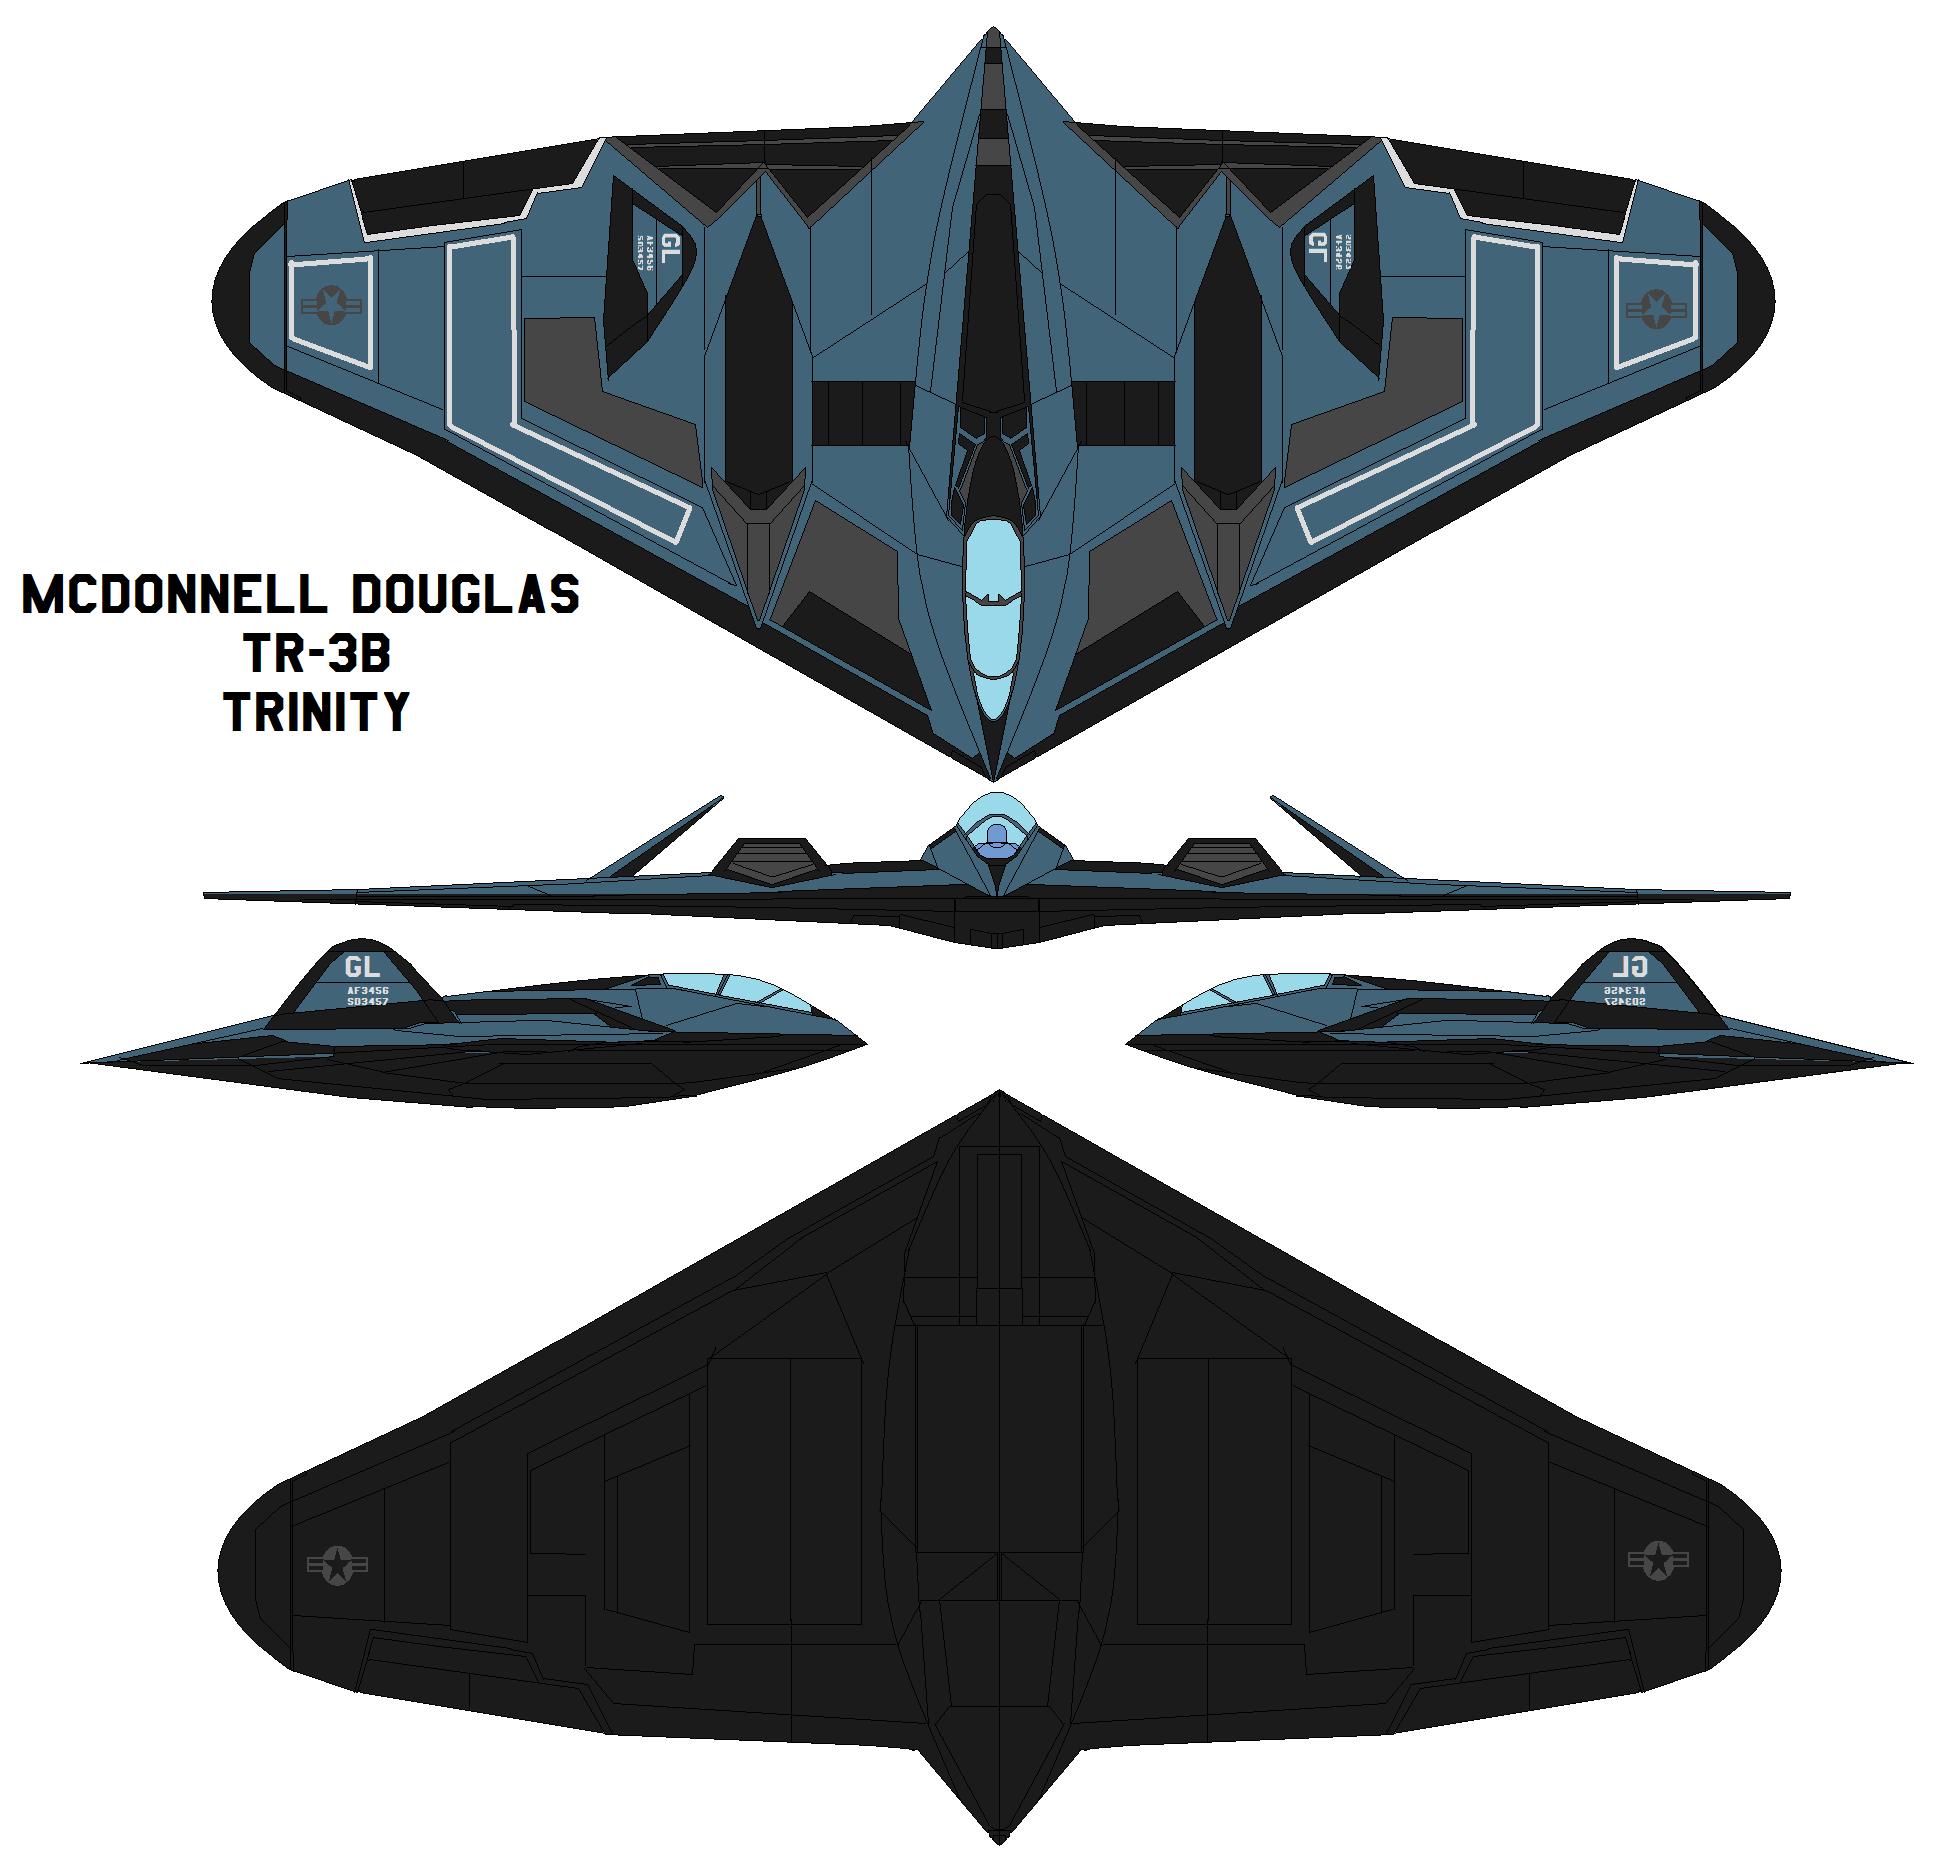 Douglas TR-3B TRINITY by bagera3005